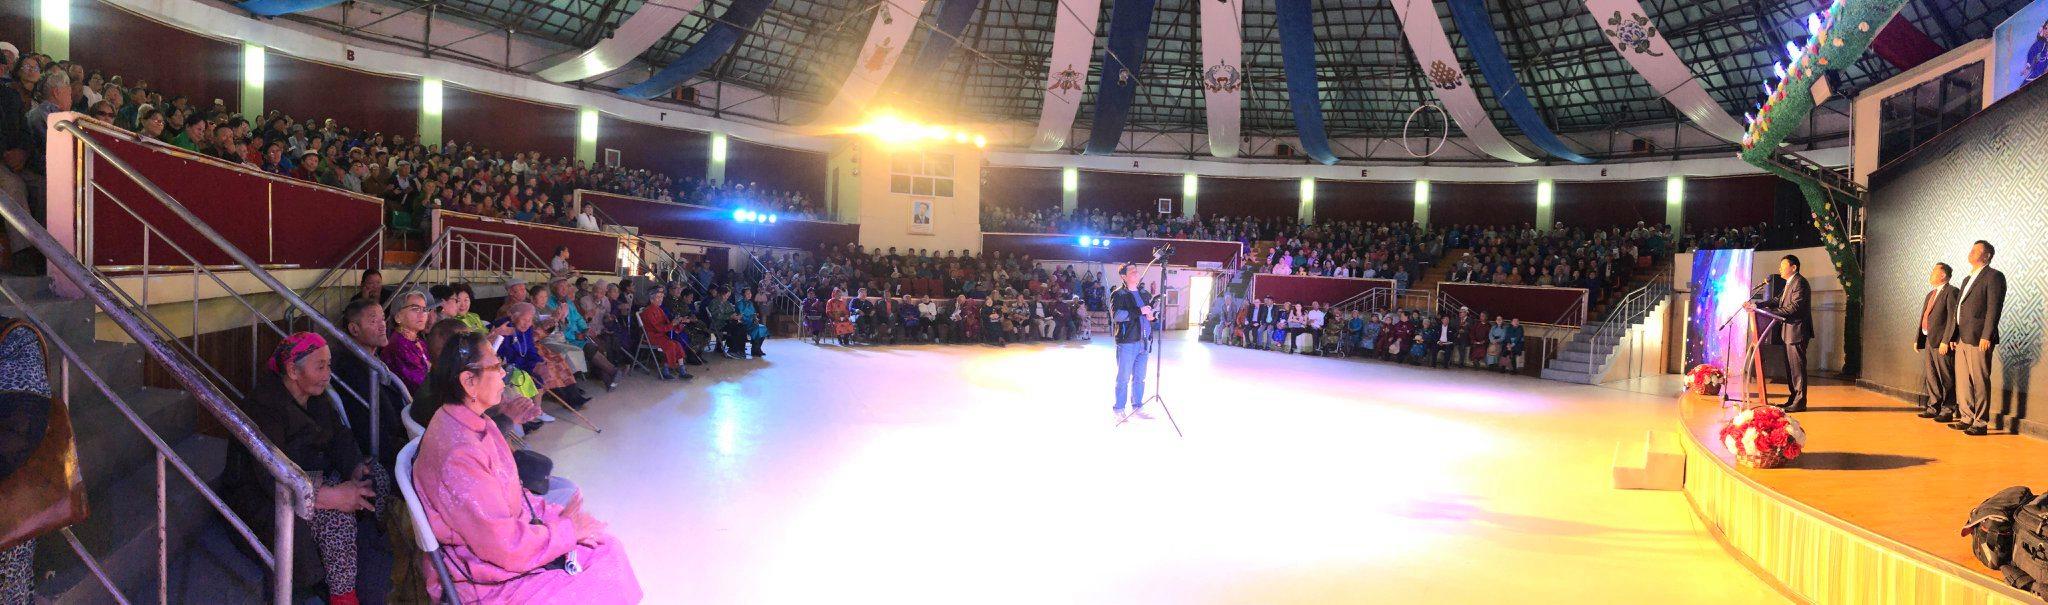 Ахмадын баярын хүндэтгэлийн арга хэмжээнд 3300 ахмад оролцлоо